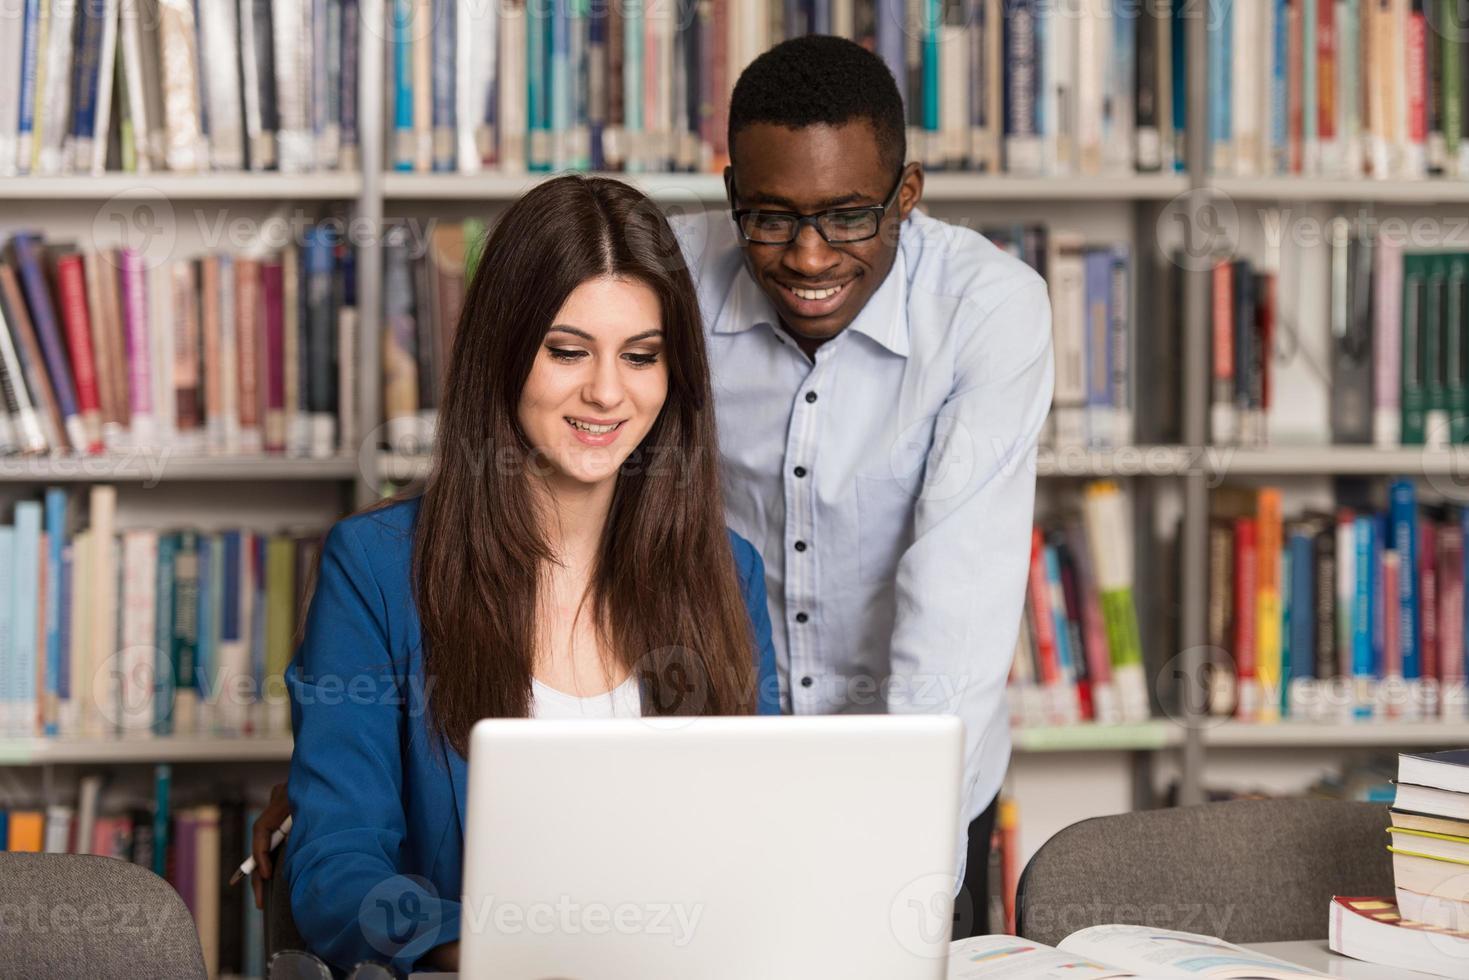 par studenter med bärbar dator i biblioteket foto